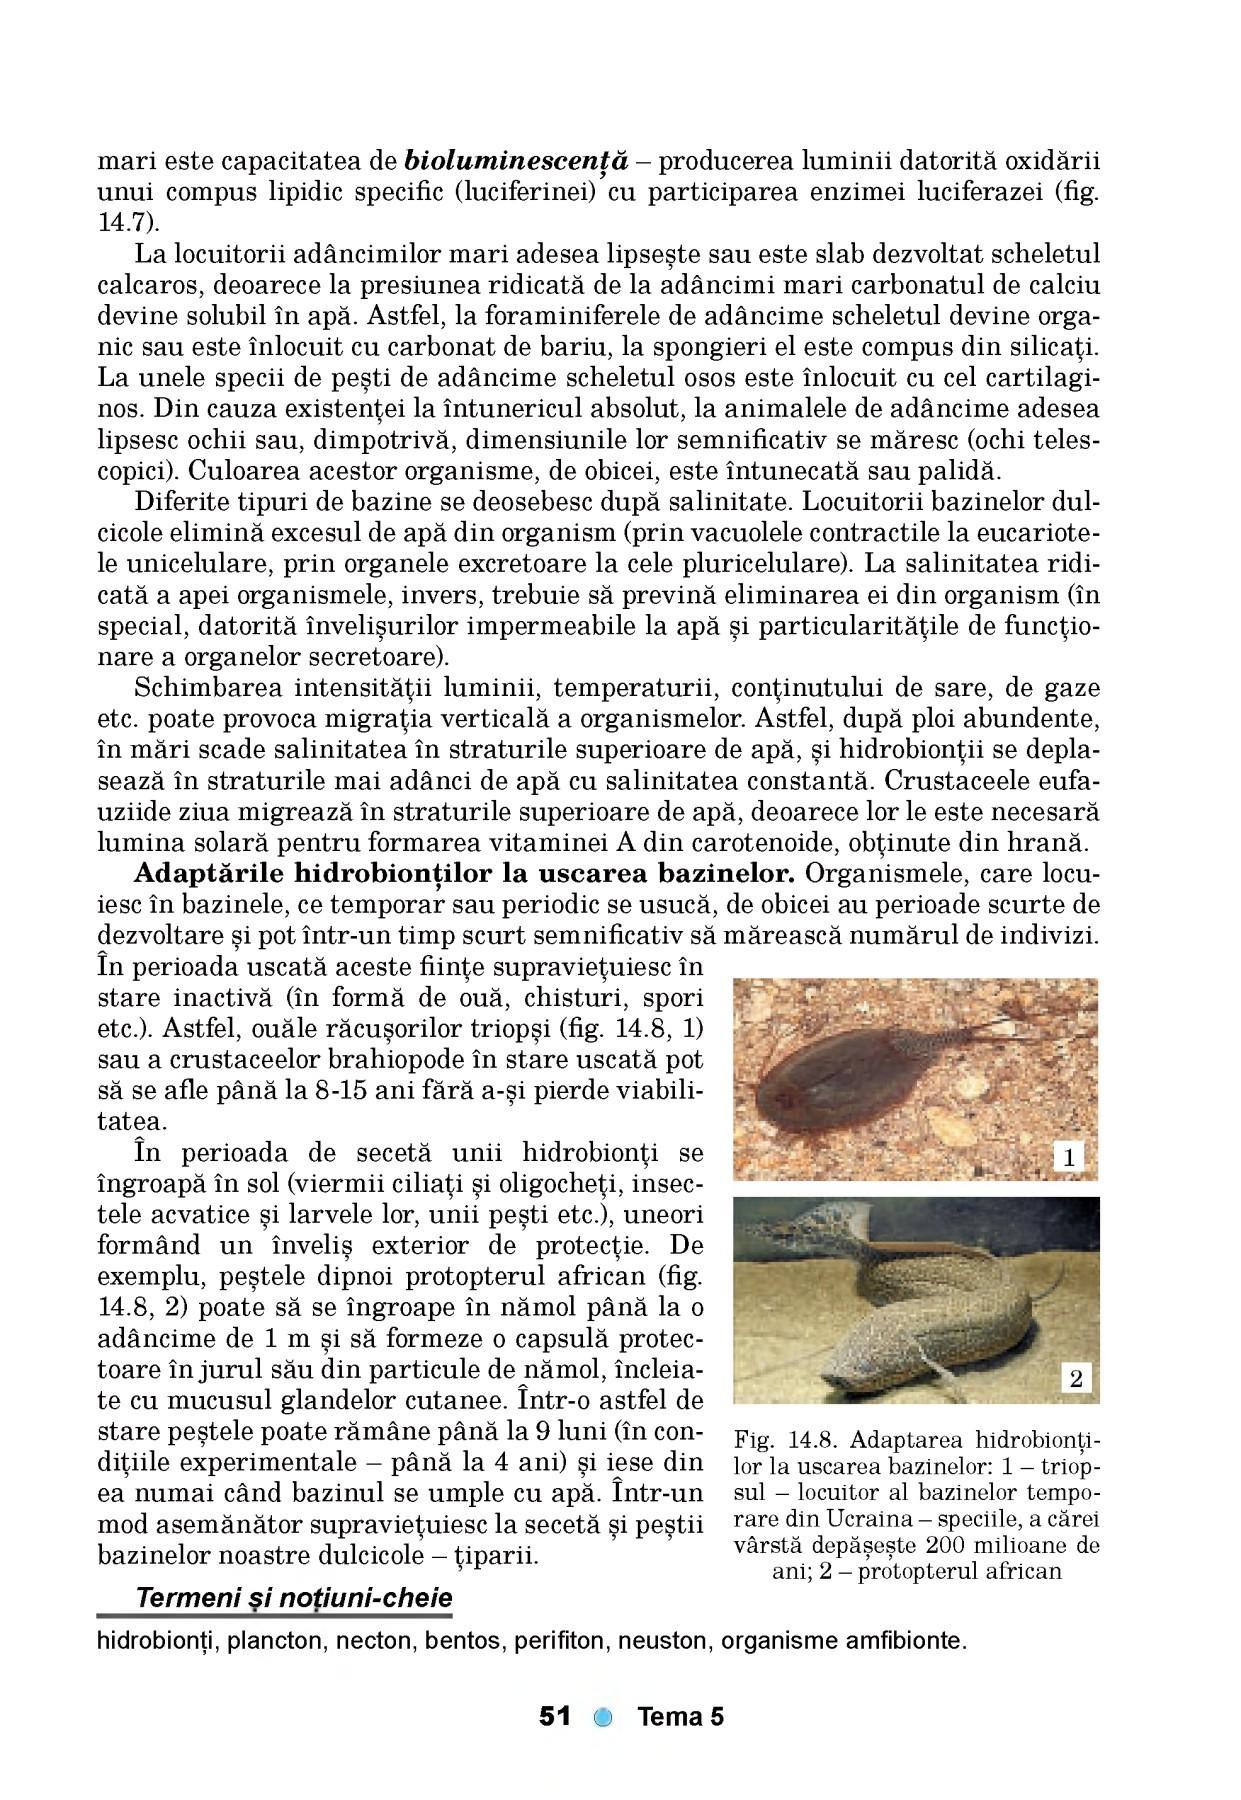 Infectie parazitara - Am nevoie de un sfat. - Forumul Softpedia